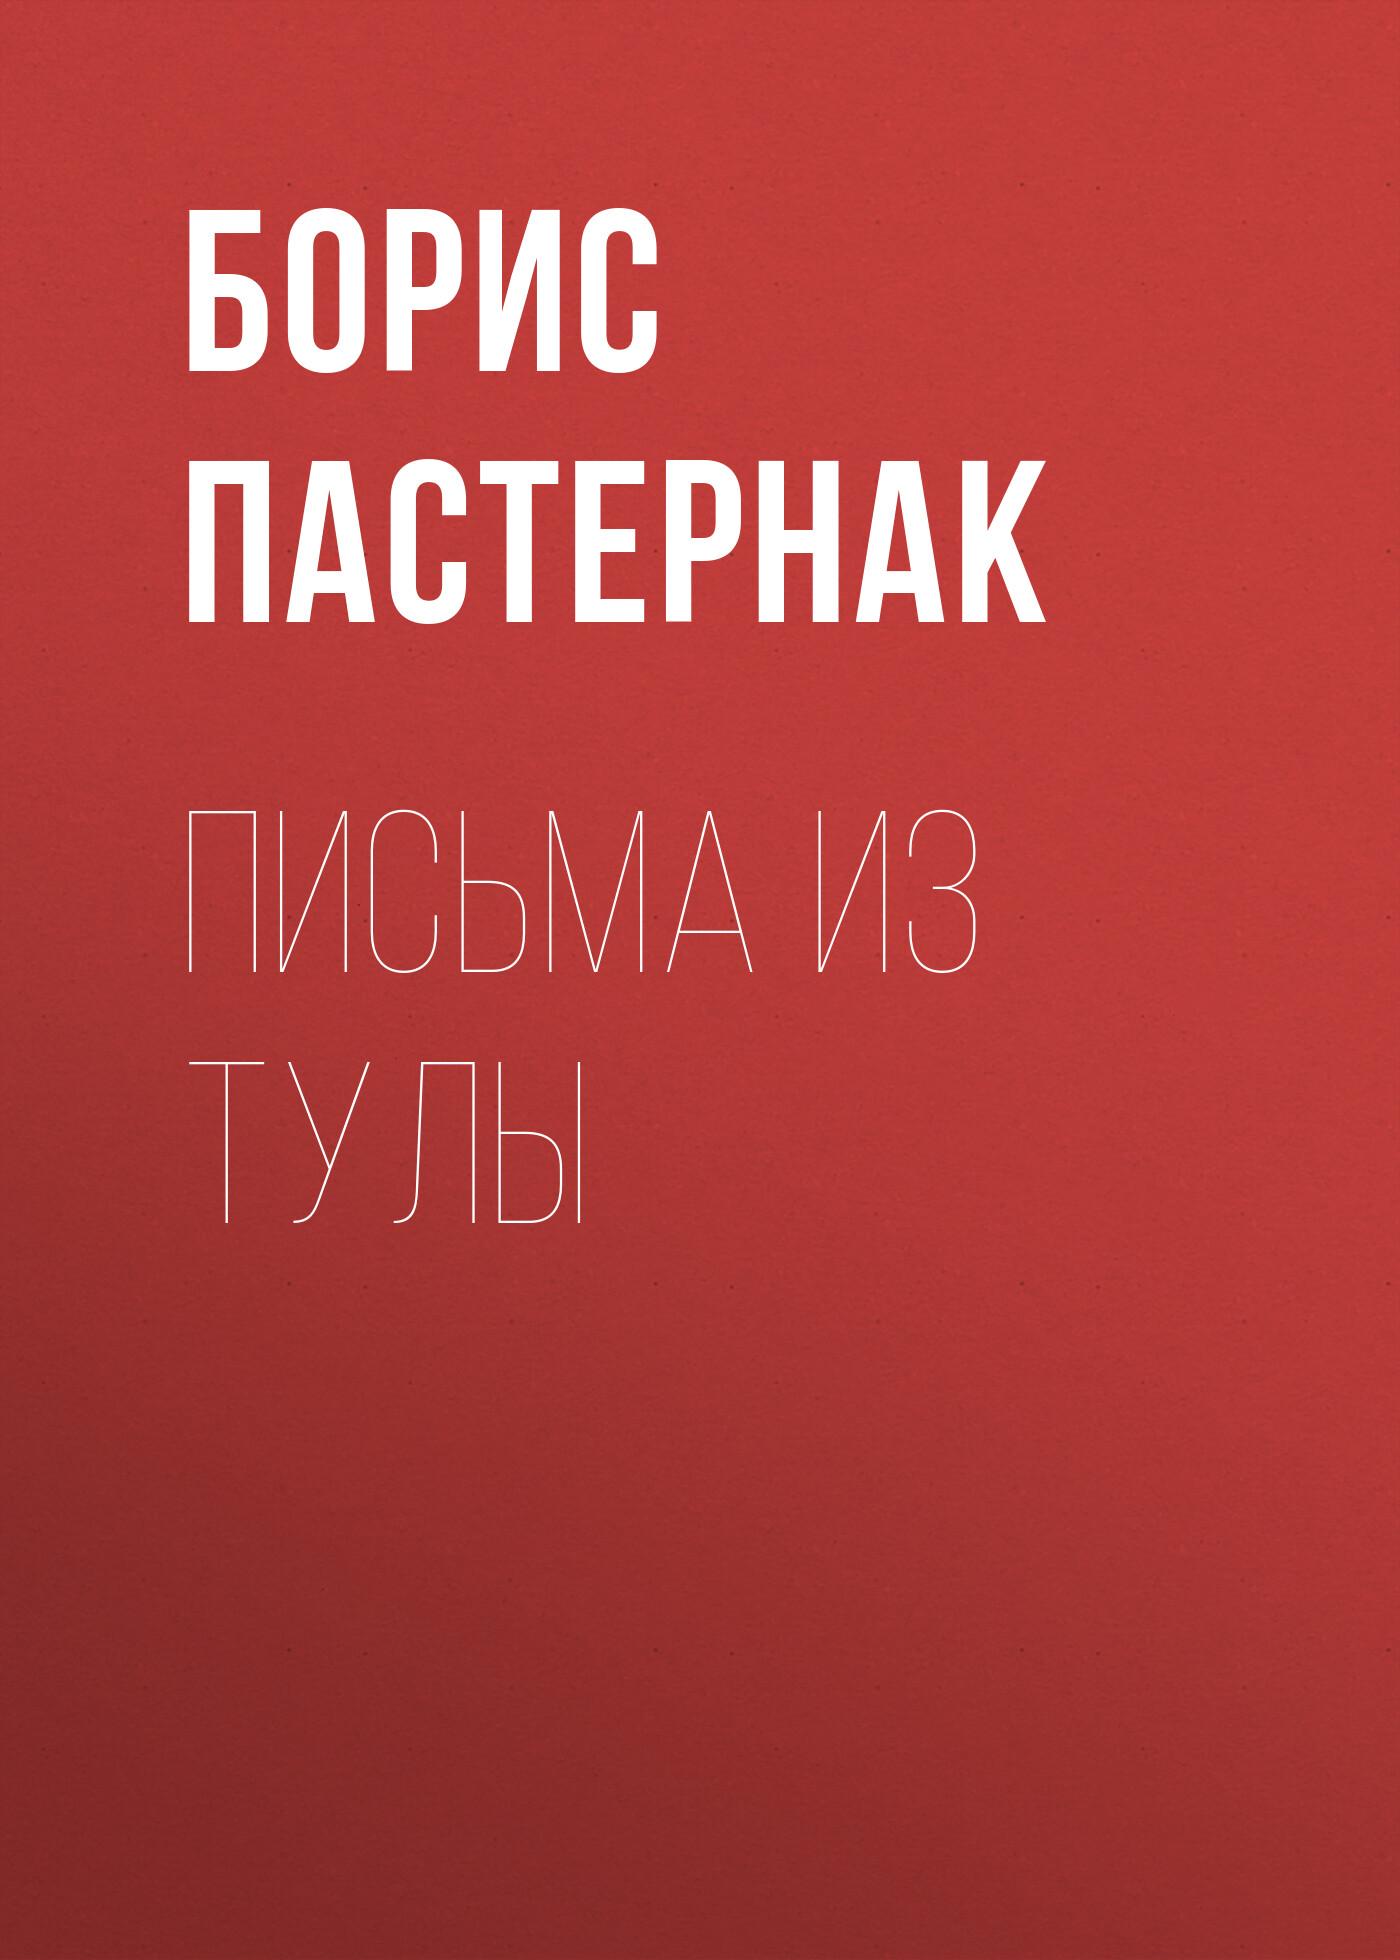 Борис Пастернак Письма из Тулы аполлинер гийом убиенный поэт повести